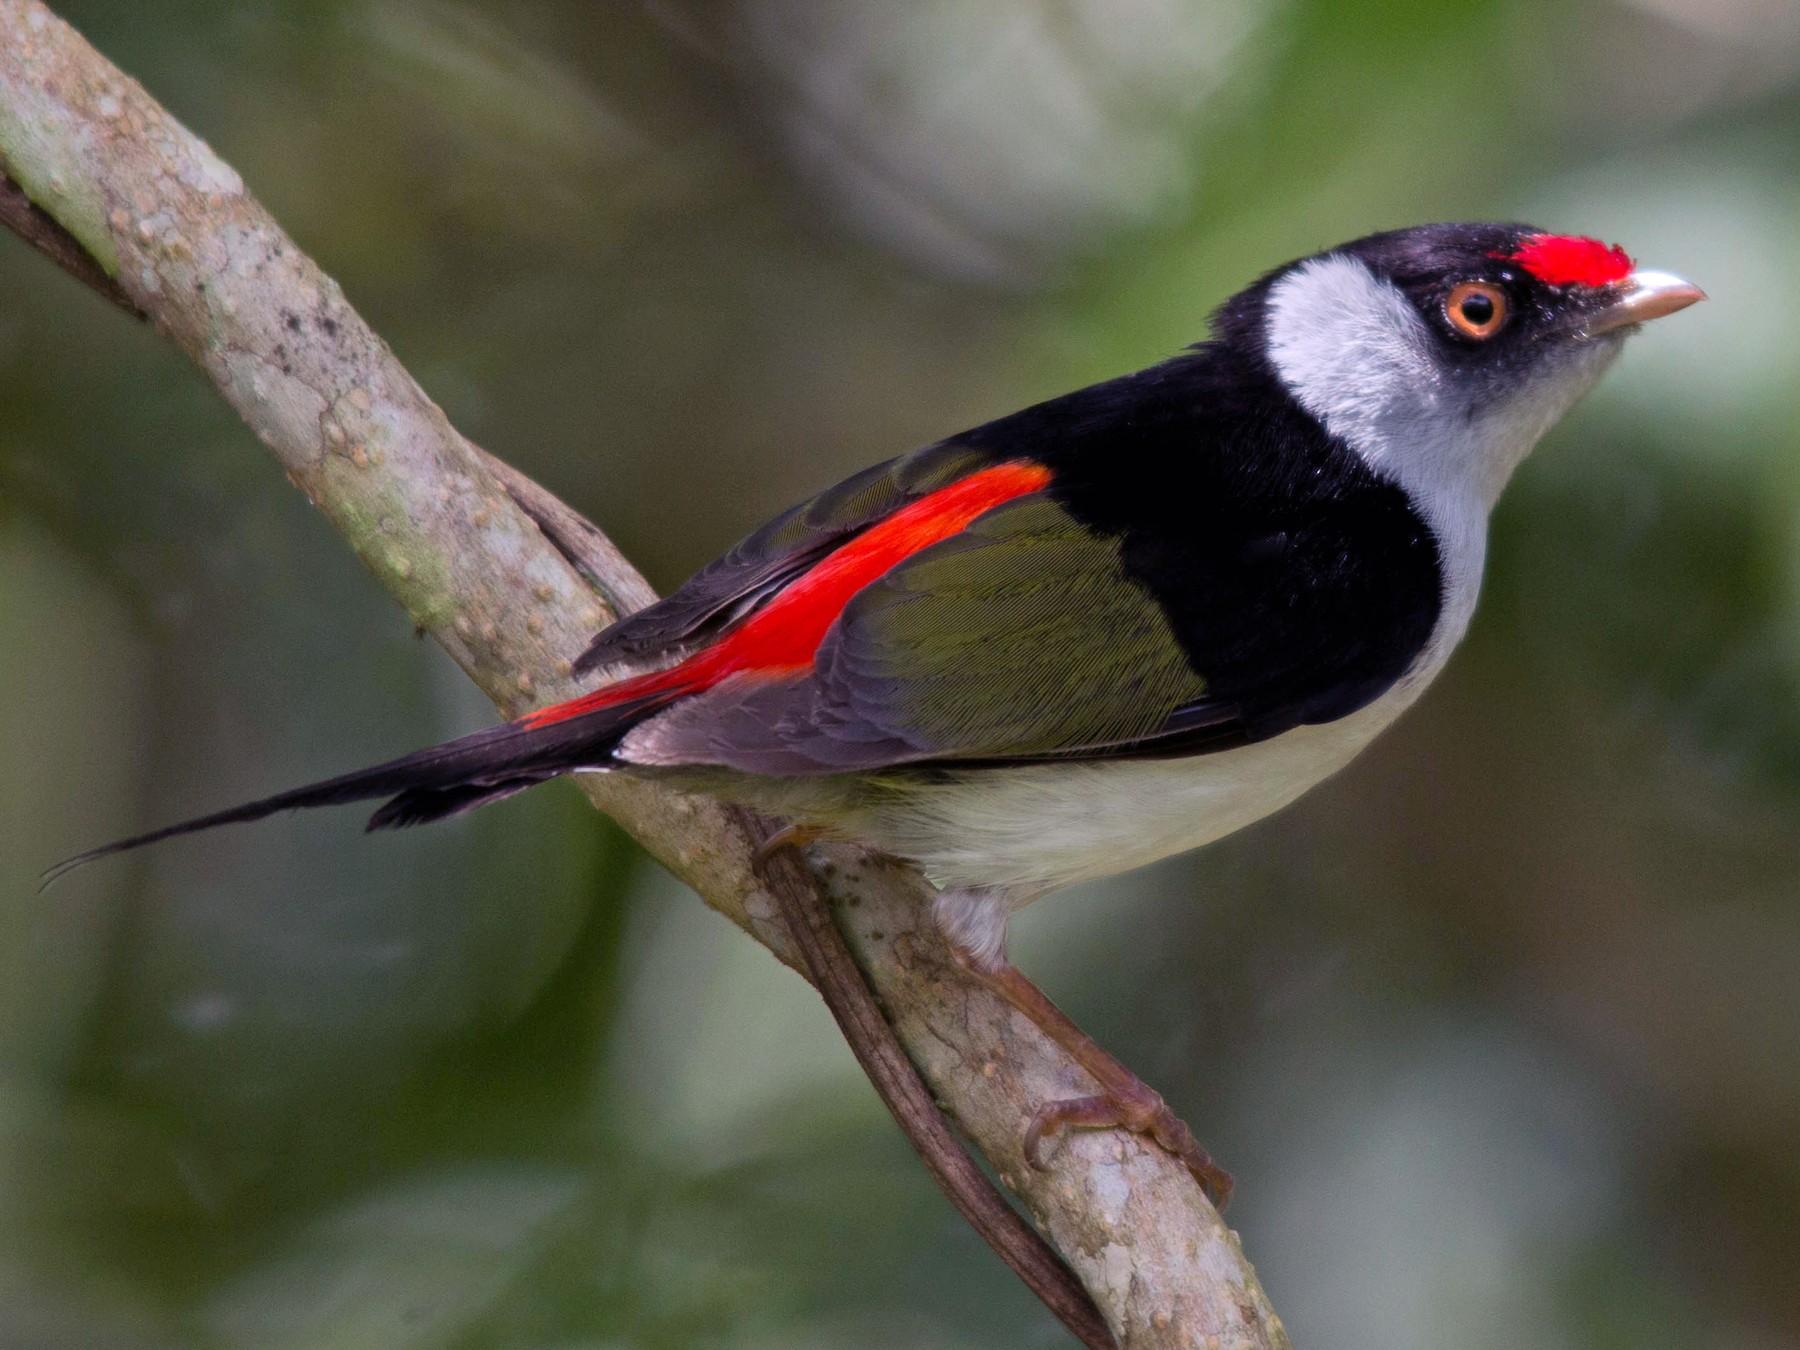 Pin-tailed Manakin - João Vitor Perin Andriola